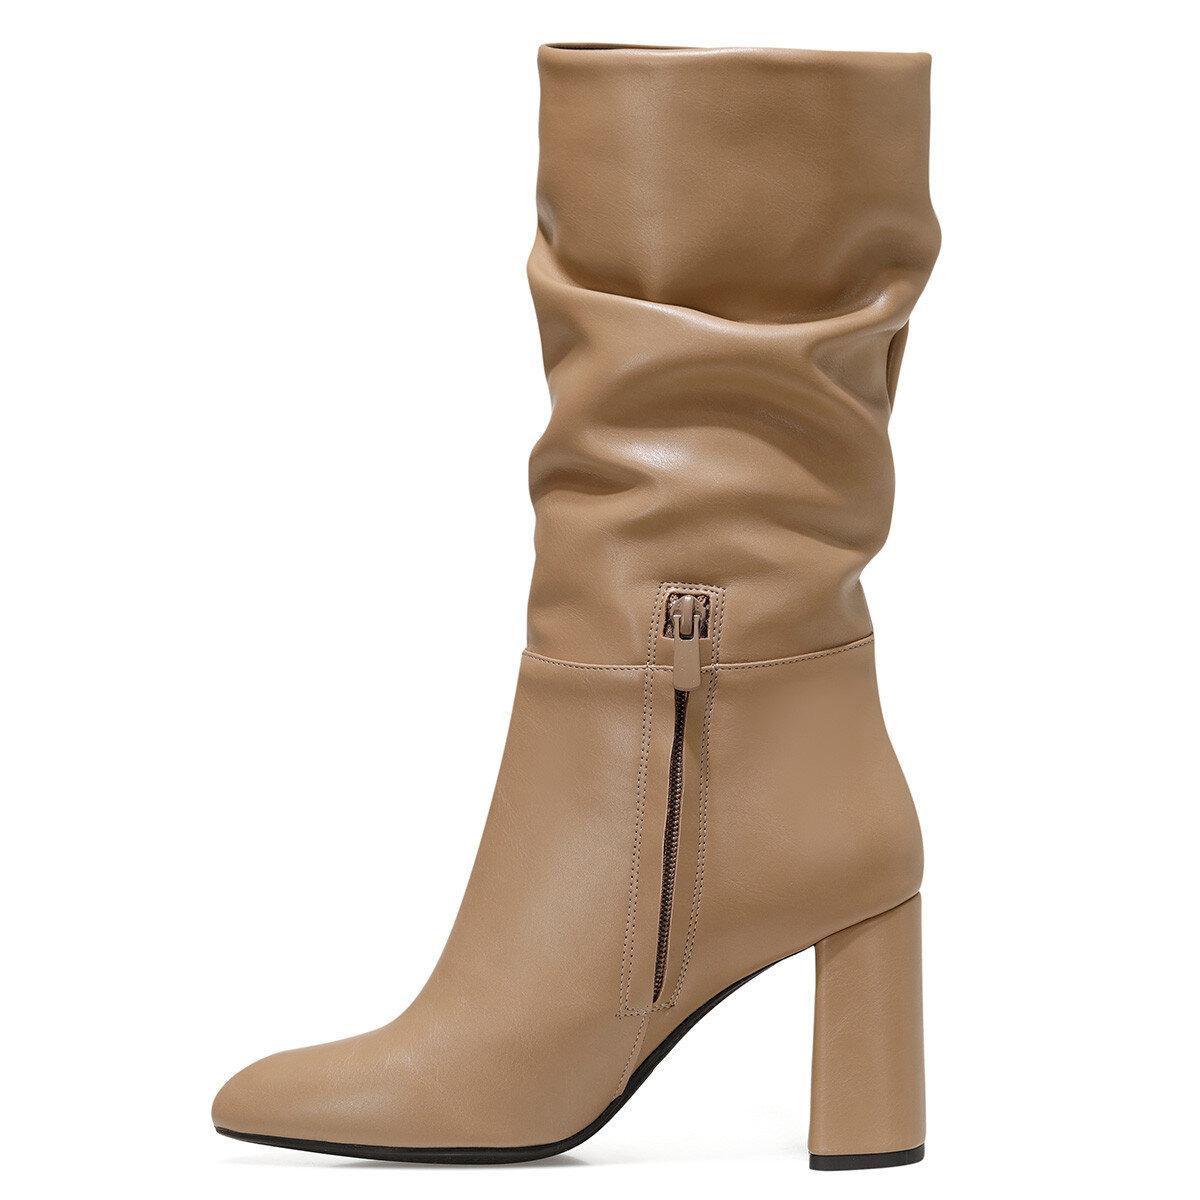 UMBRIA Vizon Kadın Topuklu Çizme